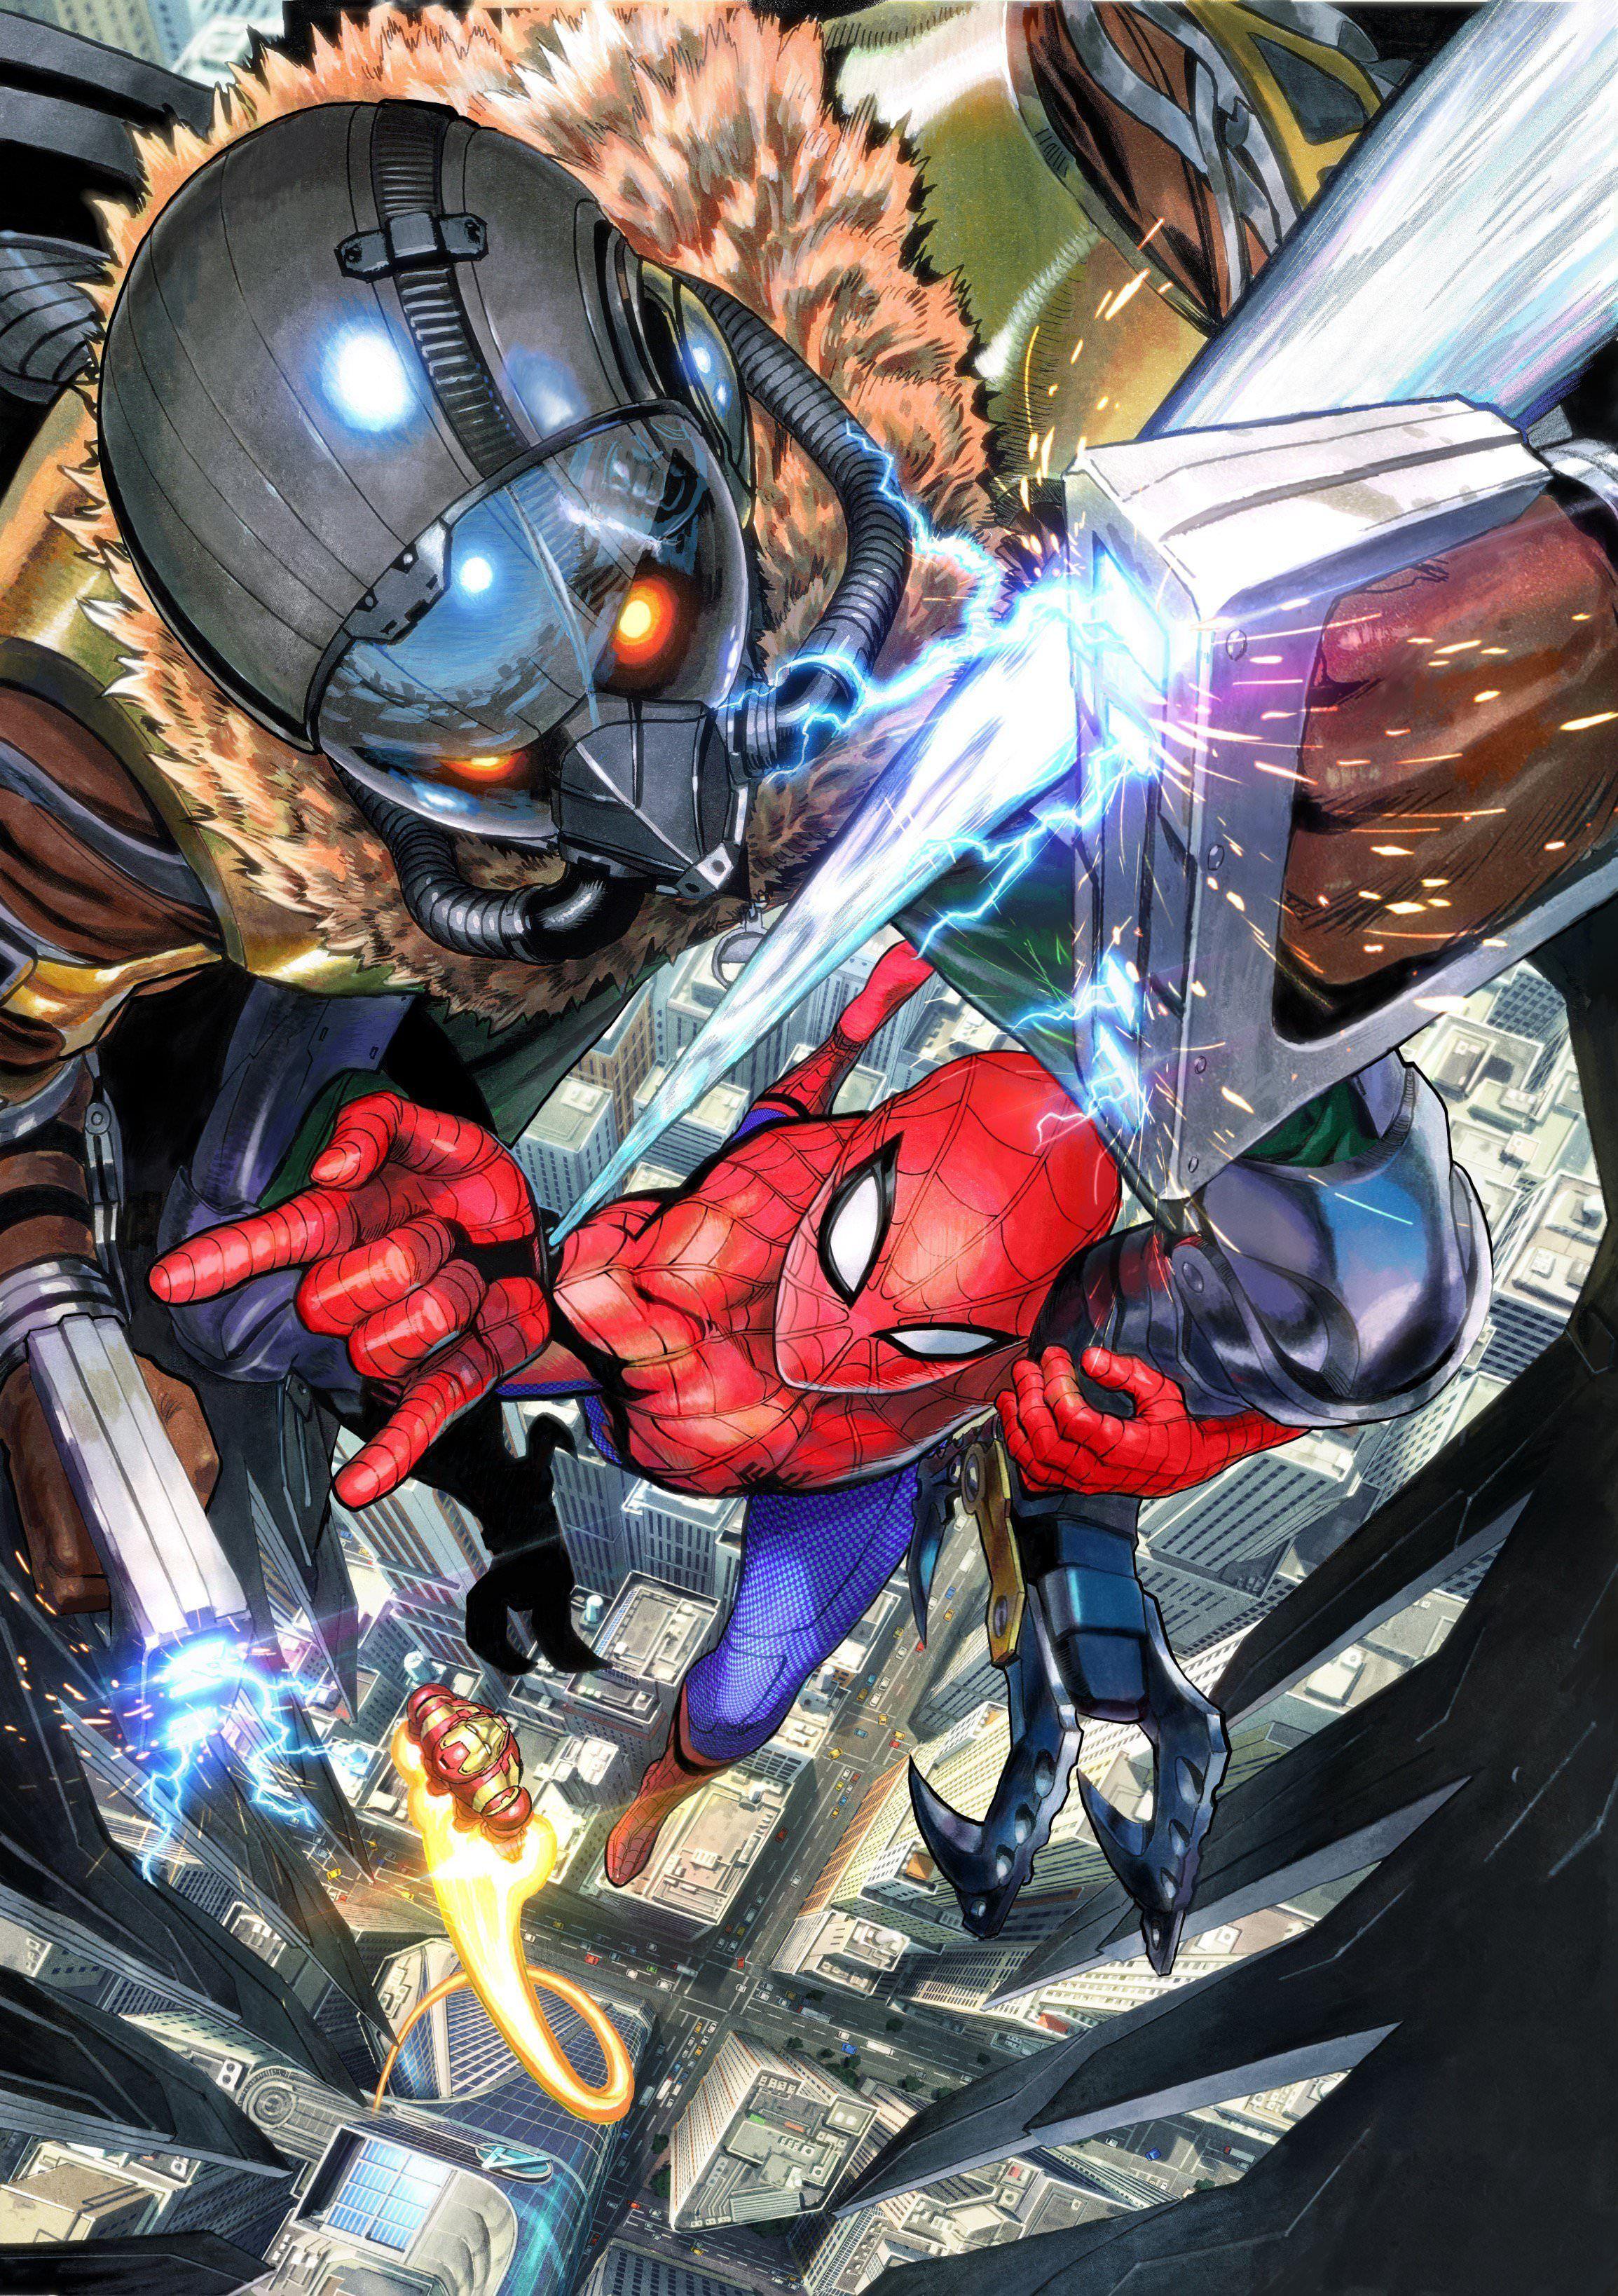 Yusuke Murata - Spider-Man